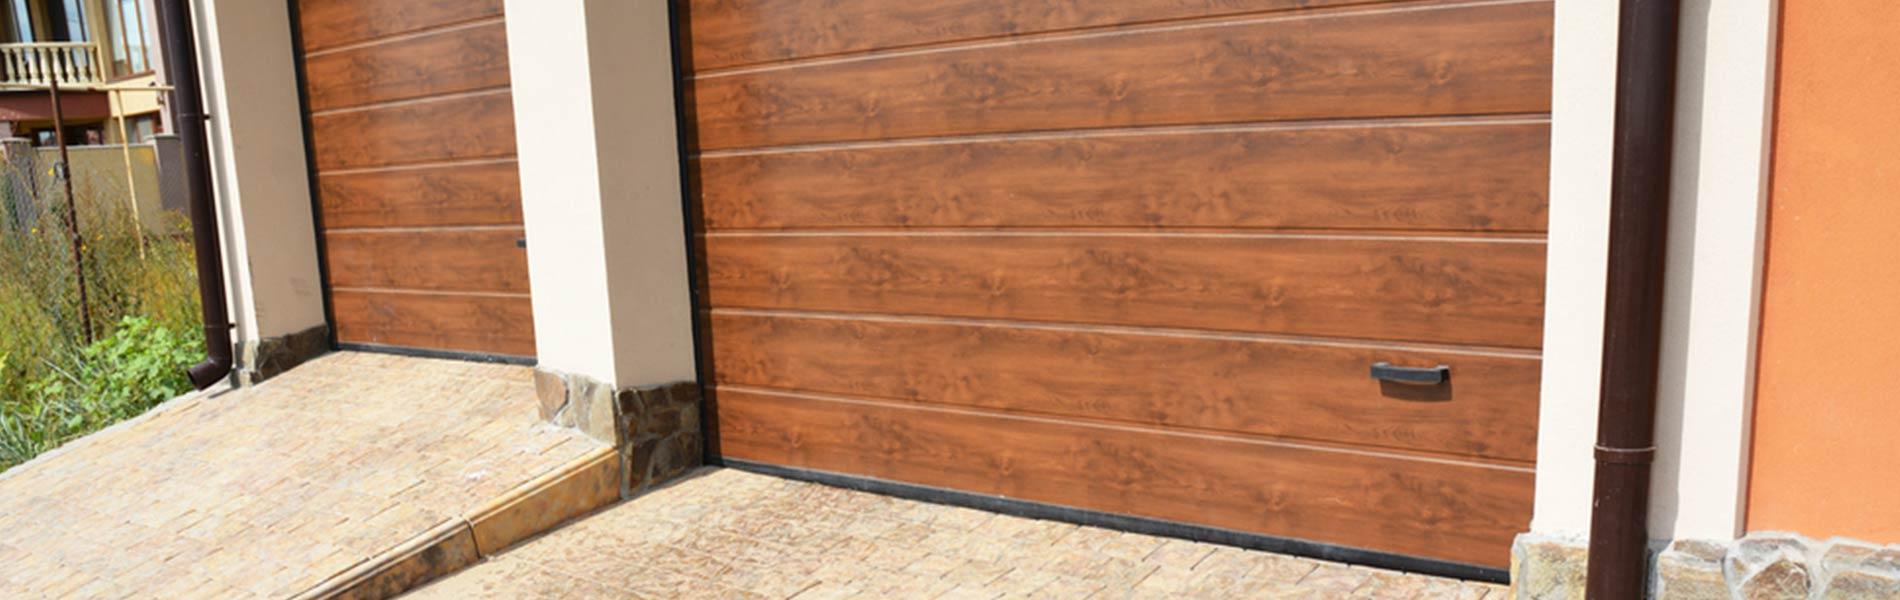 Express garage doors cheap garage door company near me for Discount garage door repair indianapolis